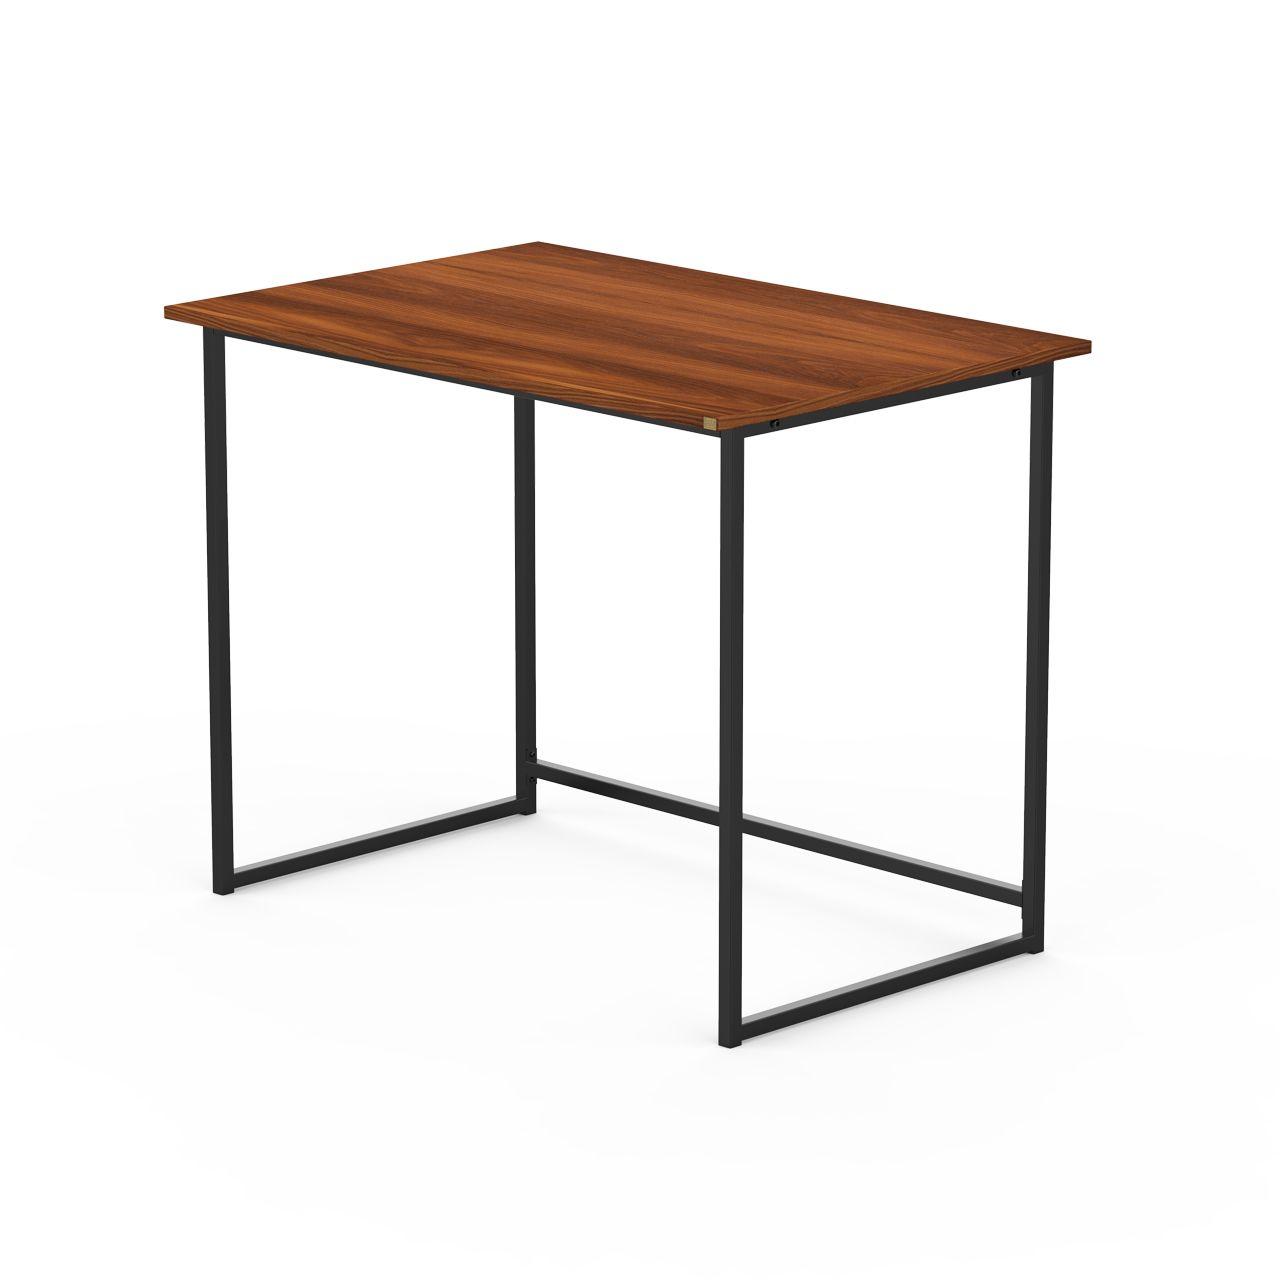 میز کامپیوتر Minima مدل M